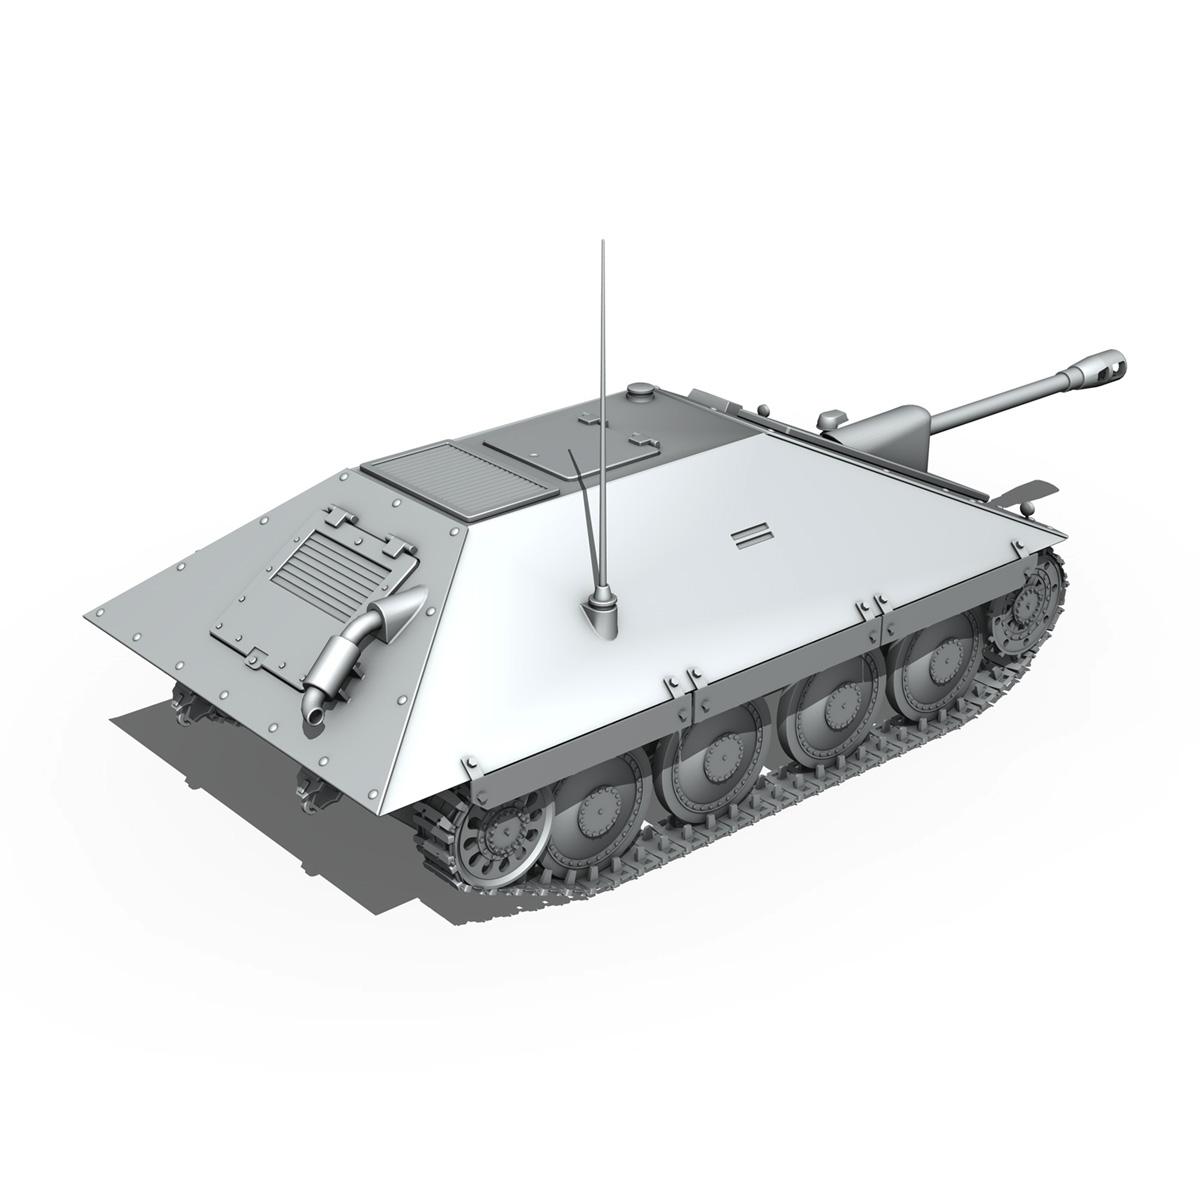 maresal m06 – romanian tank destroyer 3d model 3ds fbx c4d lwo obj 188893